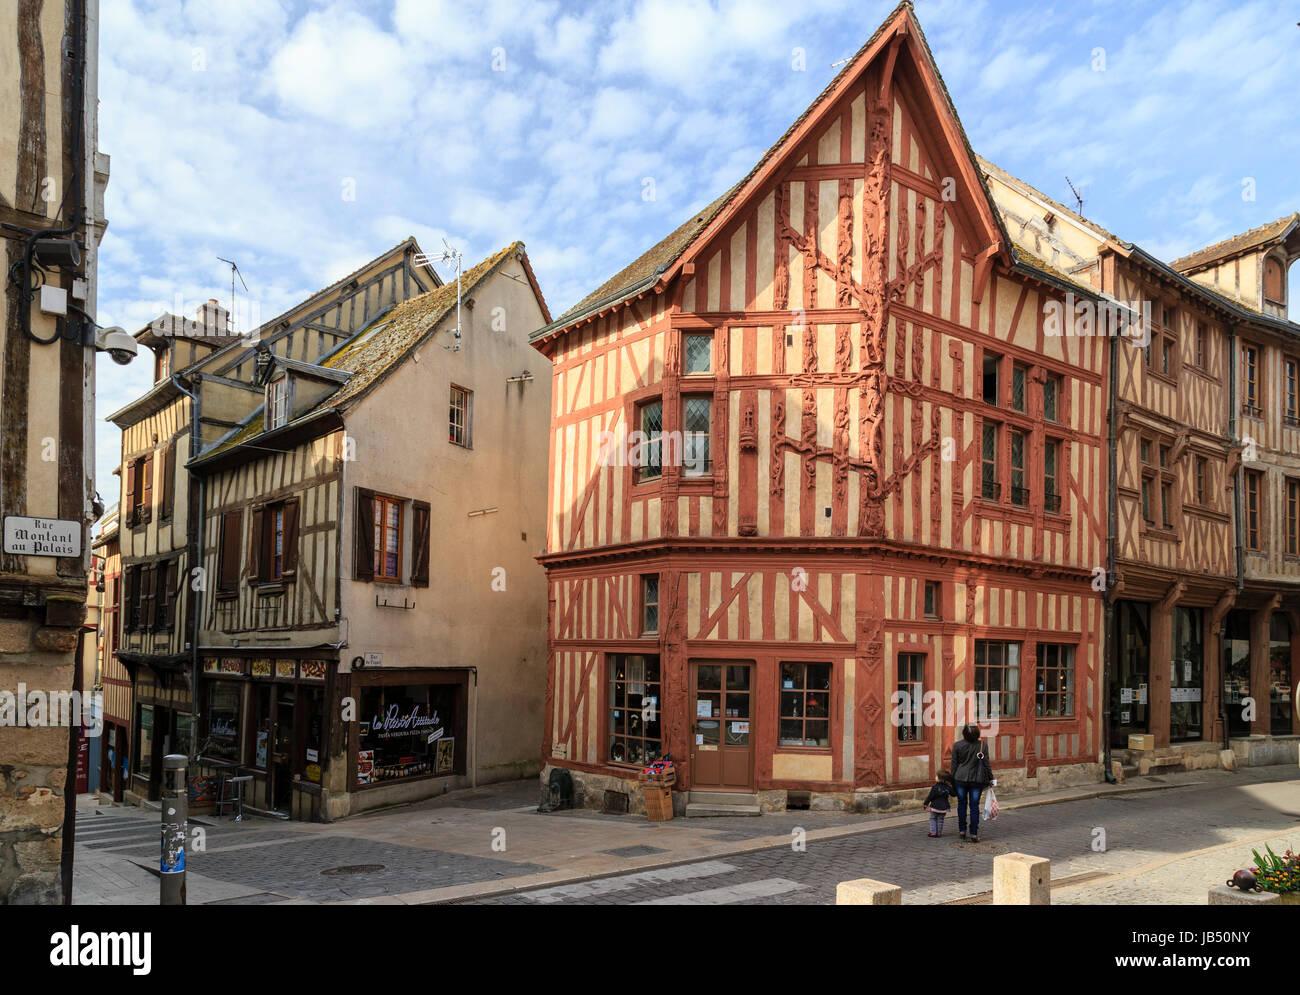 Baumhaus Frankreich yonne 89 joigny frankreich la maison de l arbre de jessé